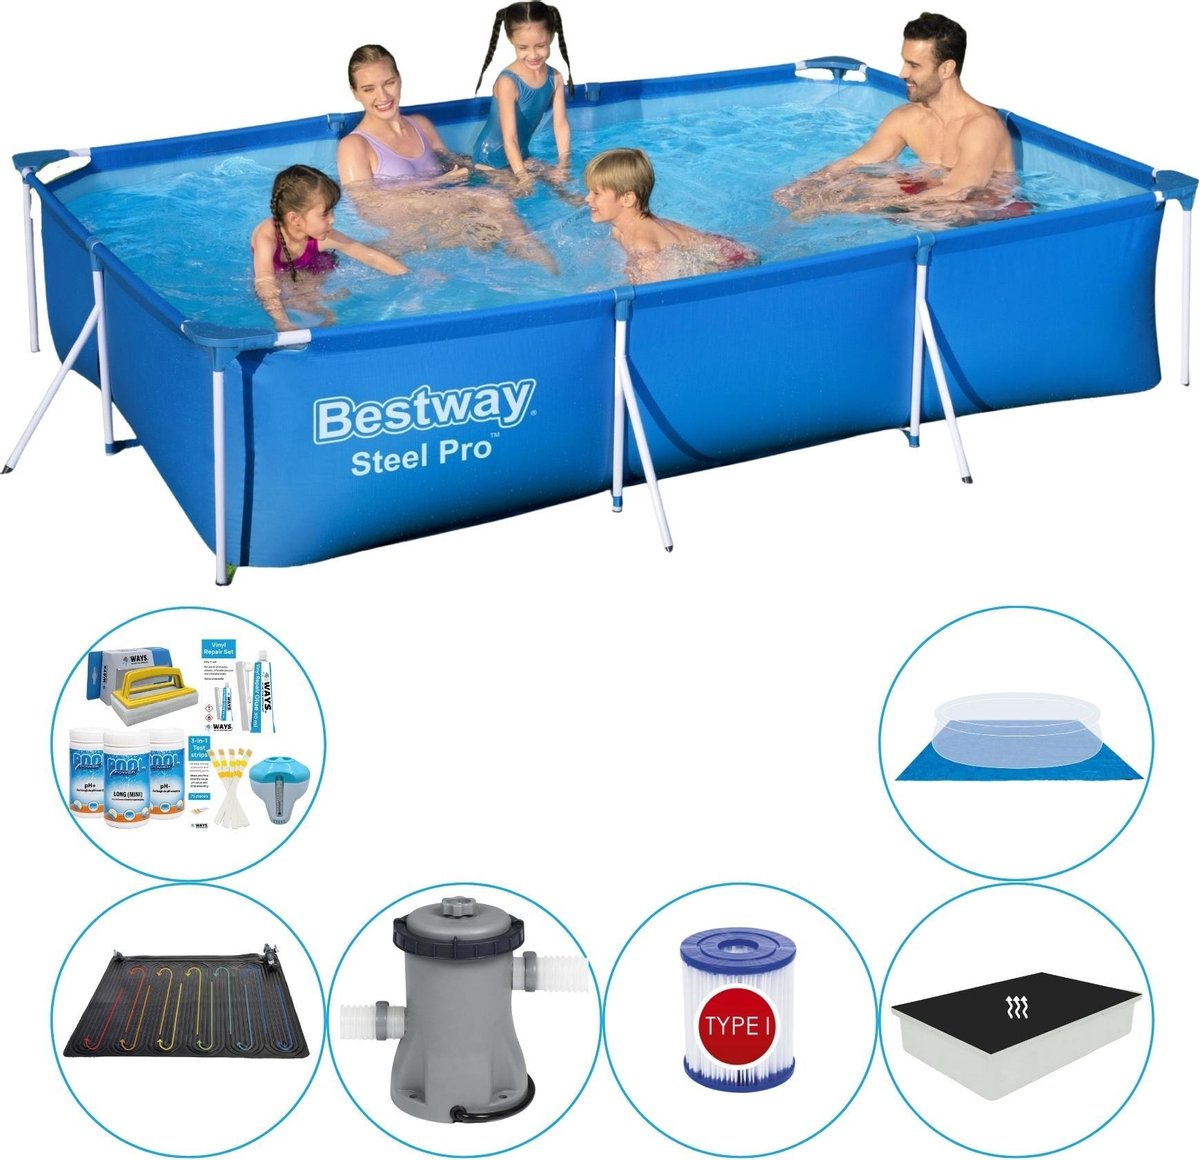 Bestway Steel Pro Rechthoekig Zwembad - 300 x 201 x 66 cm - Blauw - Inclusief Toebehoren